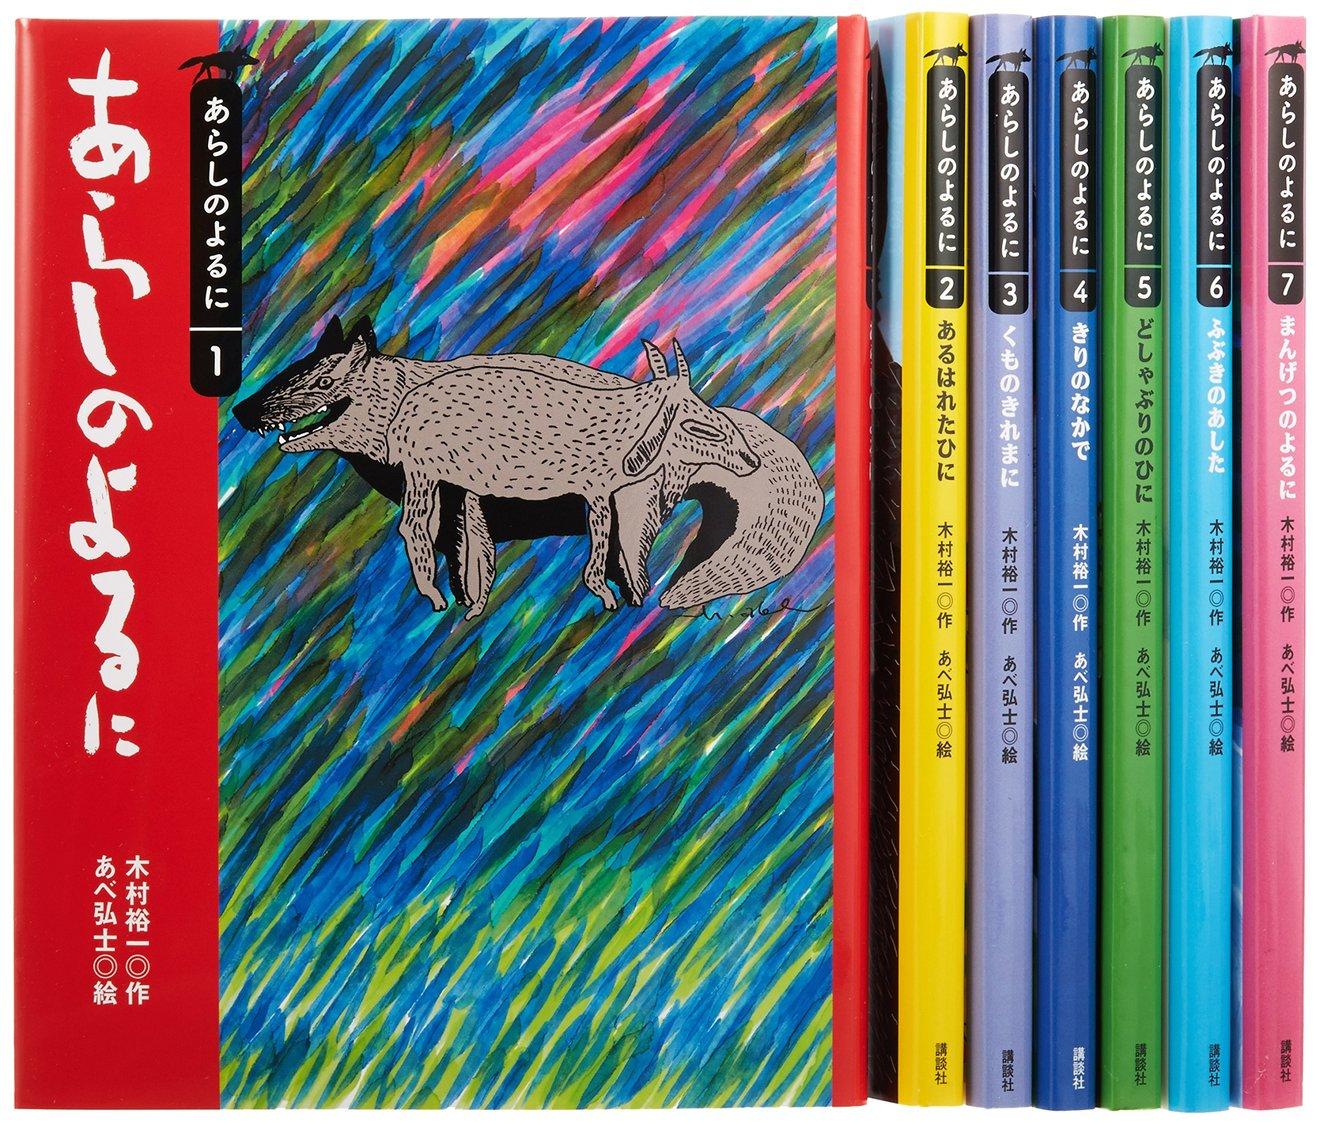 「あらしのよるに」は友情を描いた名作絵本。シリーズ作品をご紹介!